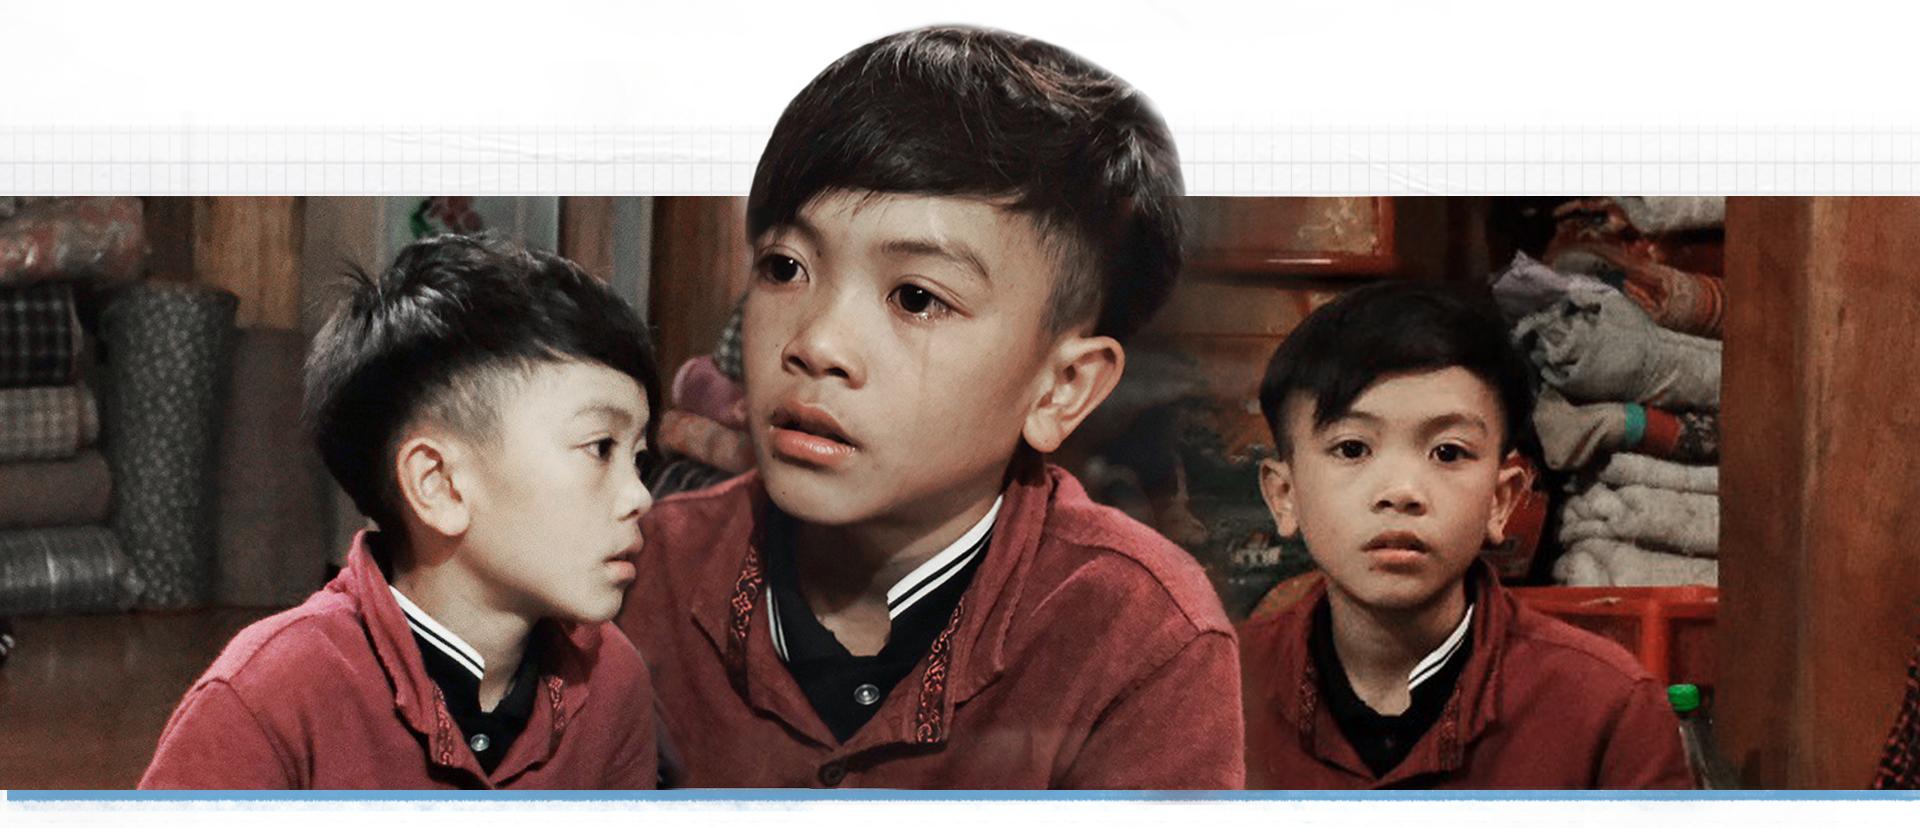 Những câu chuyện nóng hổi tạo trend trong giới trẻ Việt 2019 - Ảnh 4.